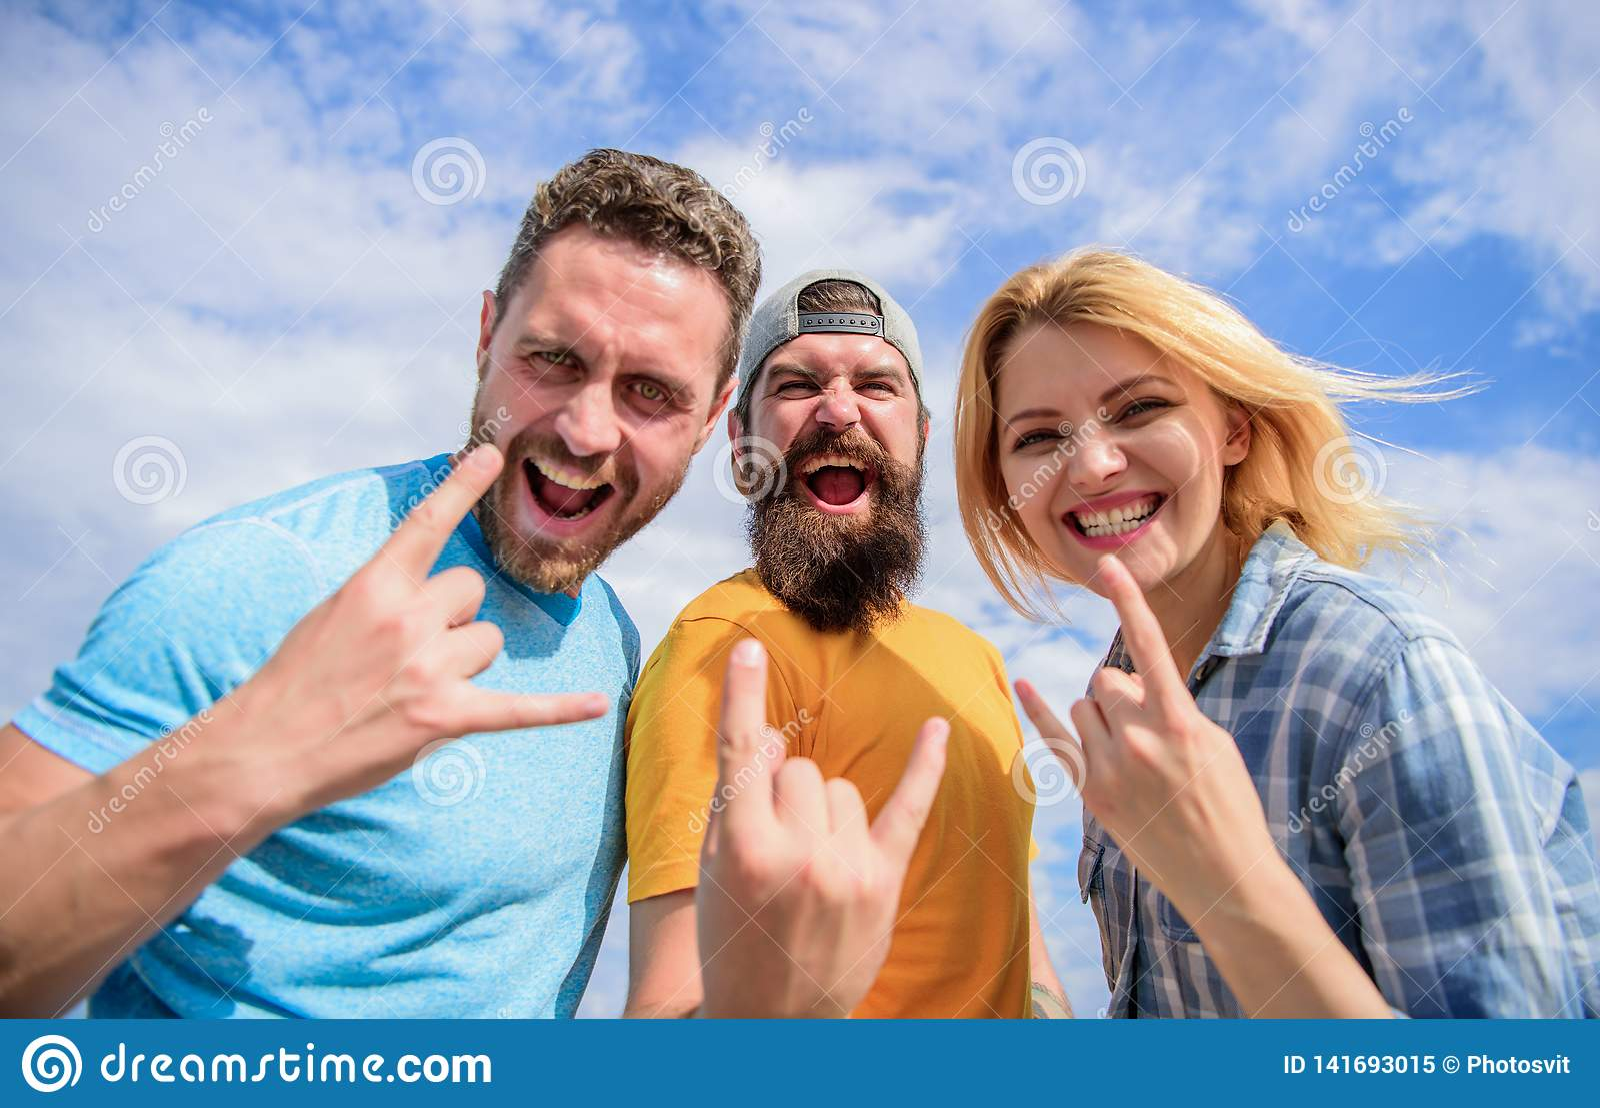 Каникулы и хобби Фестиваль посещения известный во время каникул Тяжелый рок навсегда Фестиваль рок-музыки Вентиляторы тяжелого ме